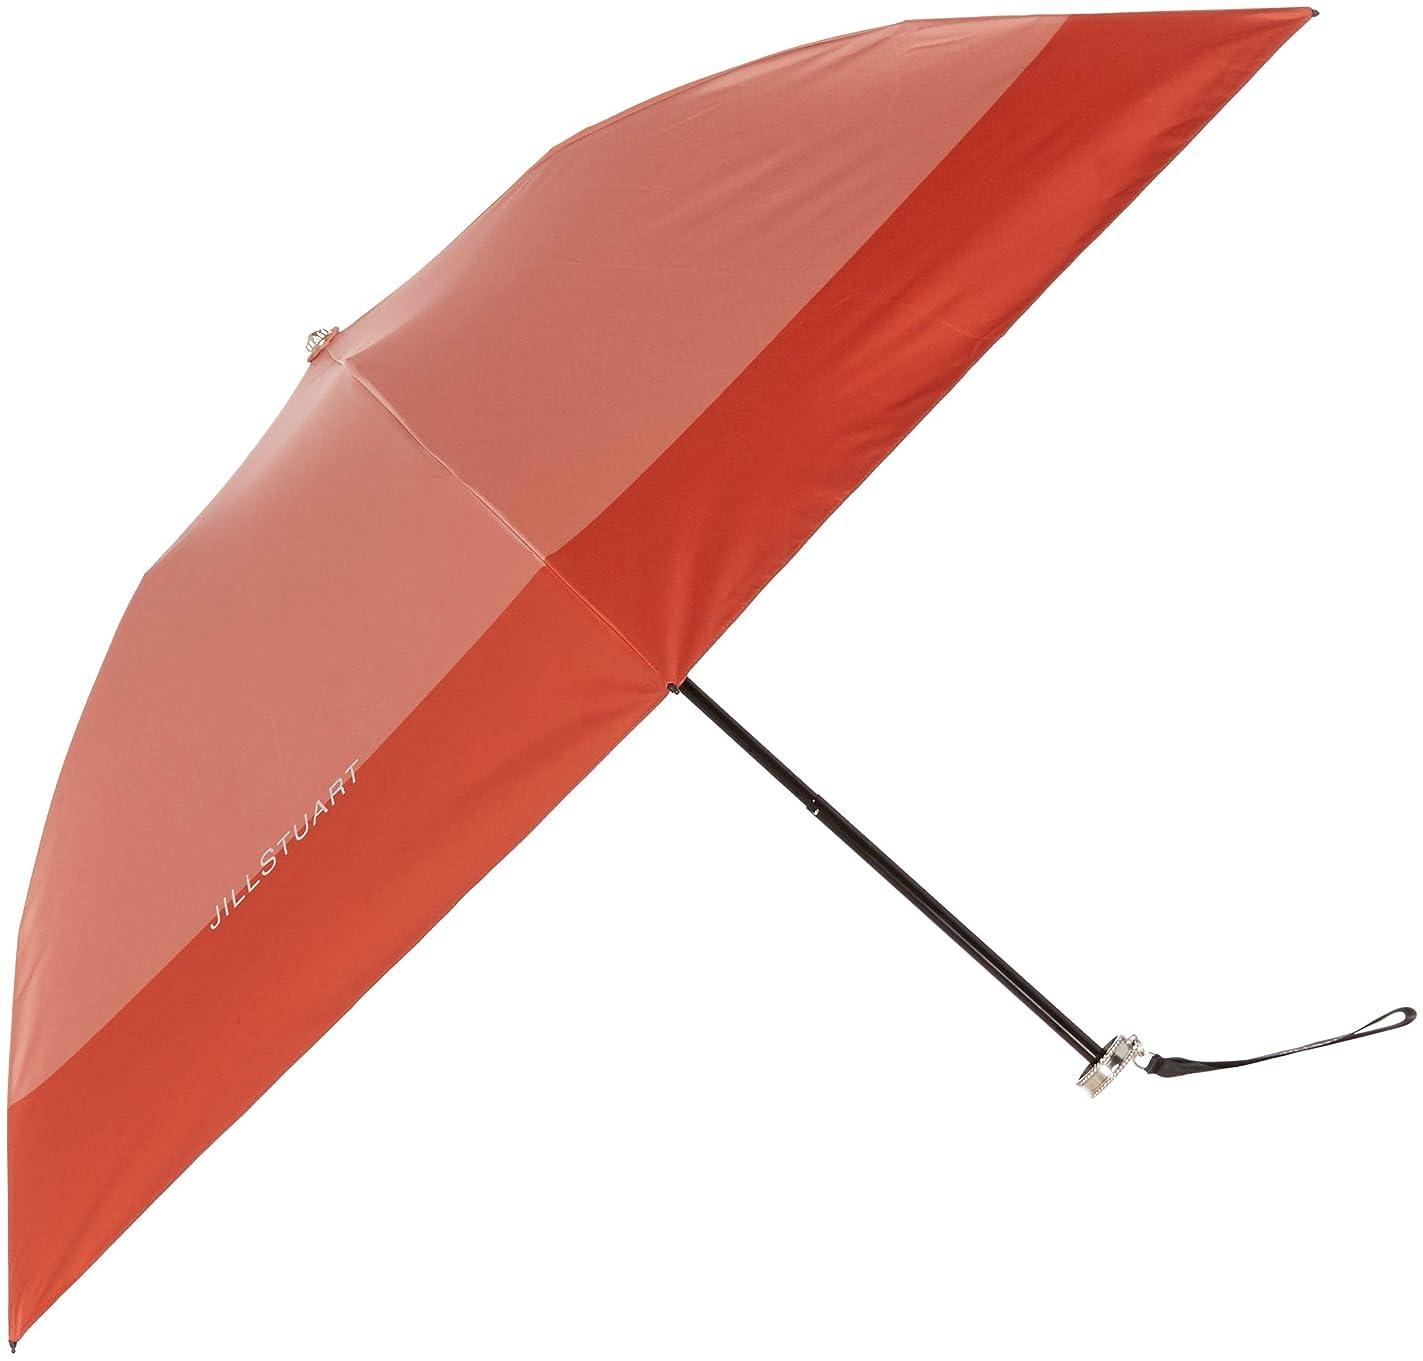 哲学博士放出歩き回る[ジルスチュアート] AURORA(オーロラ) 1JI 17738-38 リボンストラップつきバイカラーオールシーズン傘 おりたたみ傘 レディース